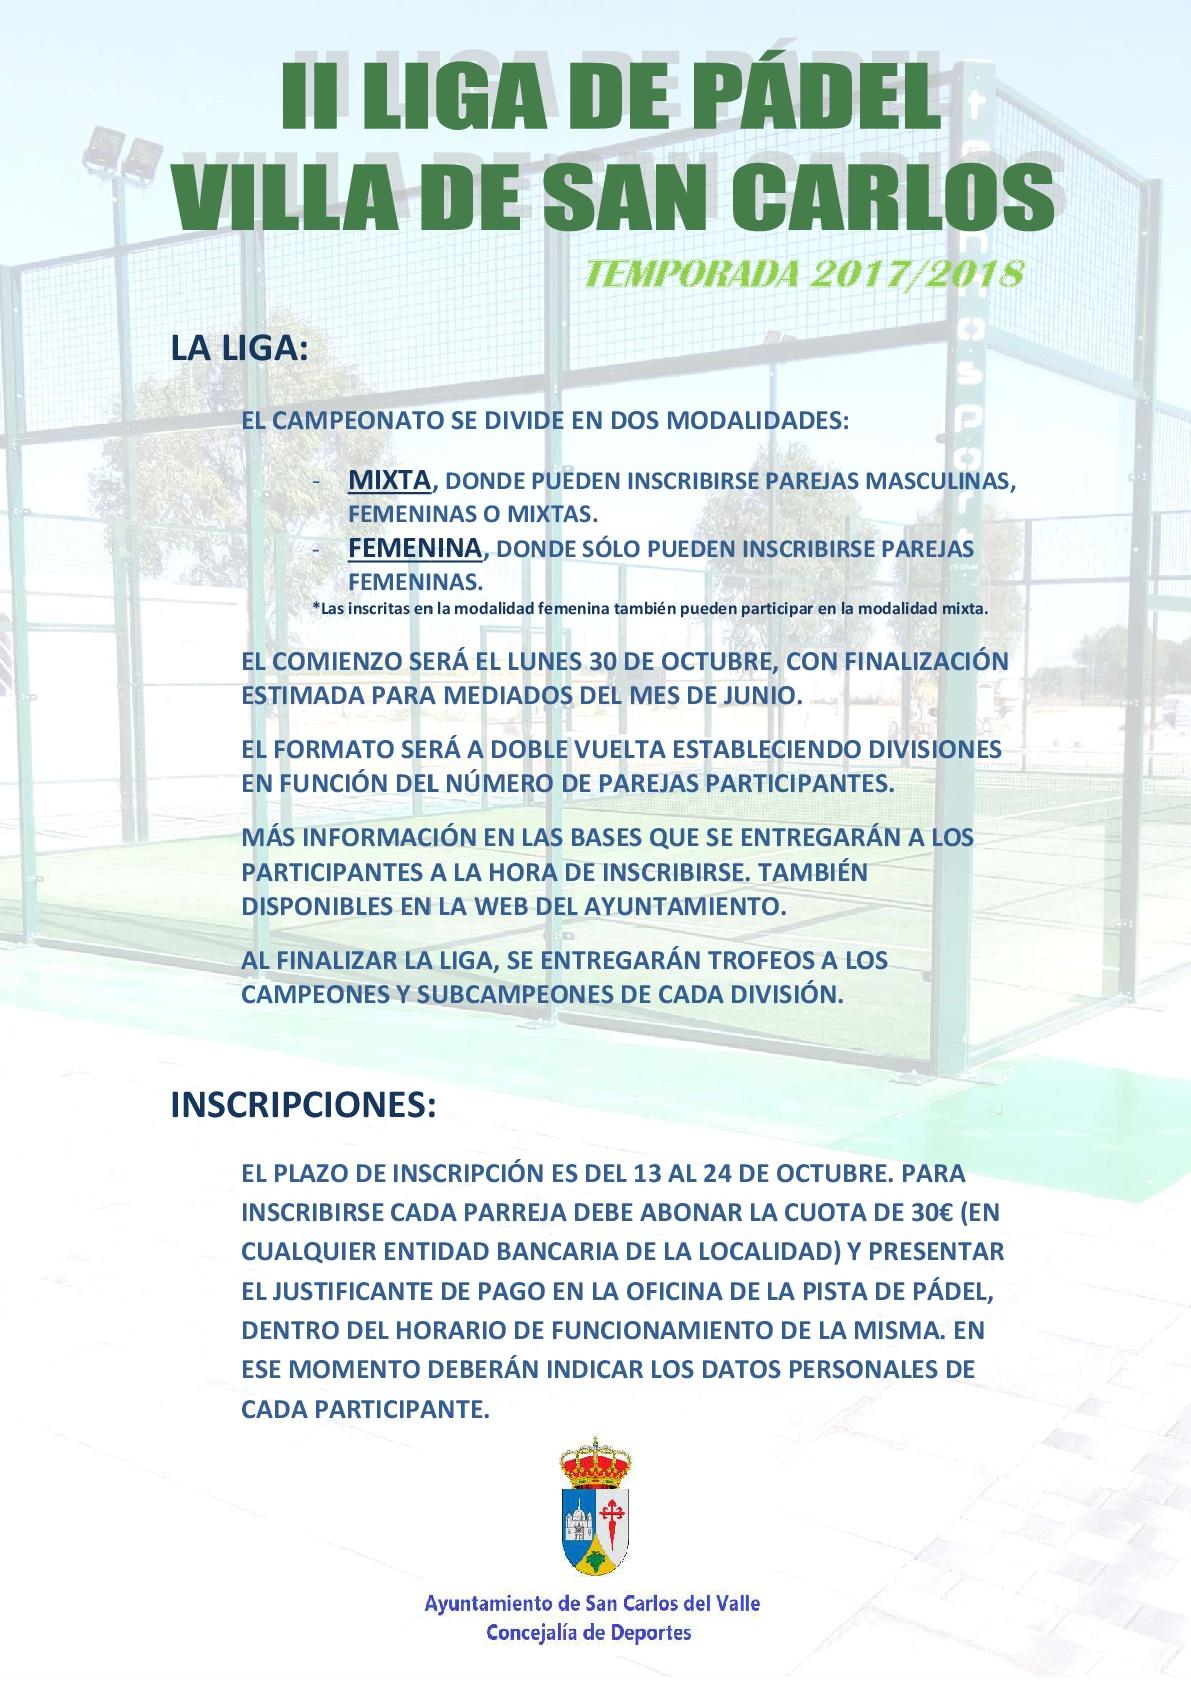 II Liga de Pádel Villa de San Carlos cee0576cbe04d